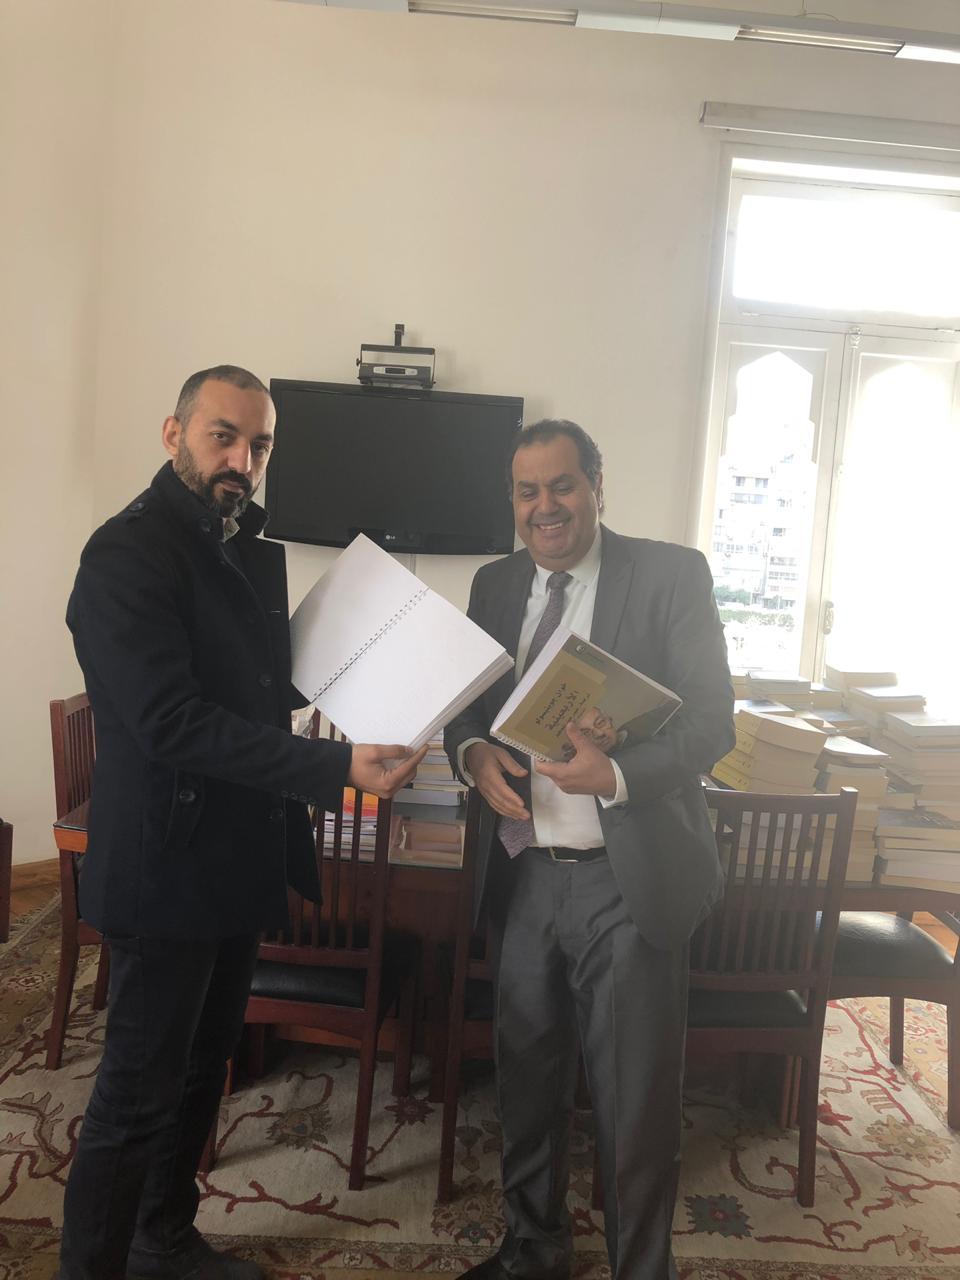 الدكتور أنور مغيث مع أحمد منصور محرر اليوم السابع  (2)